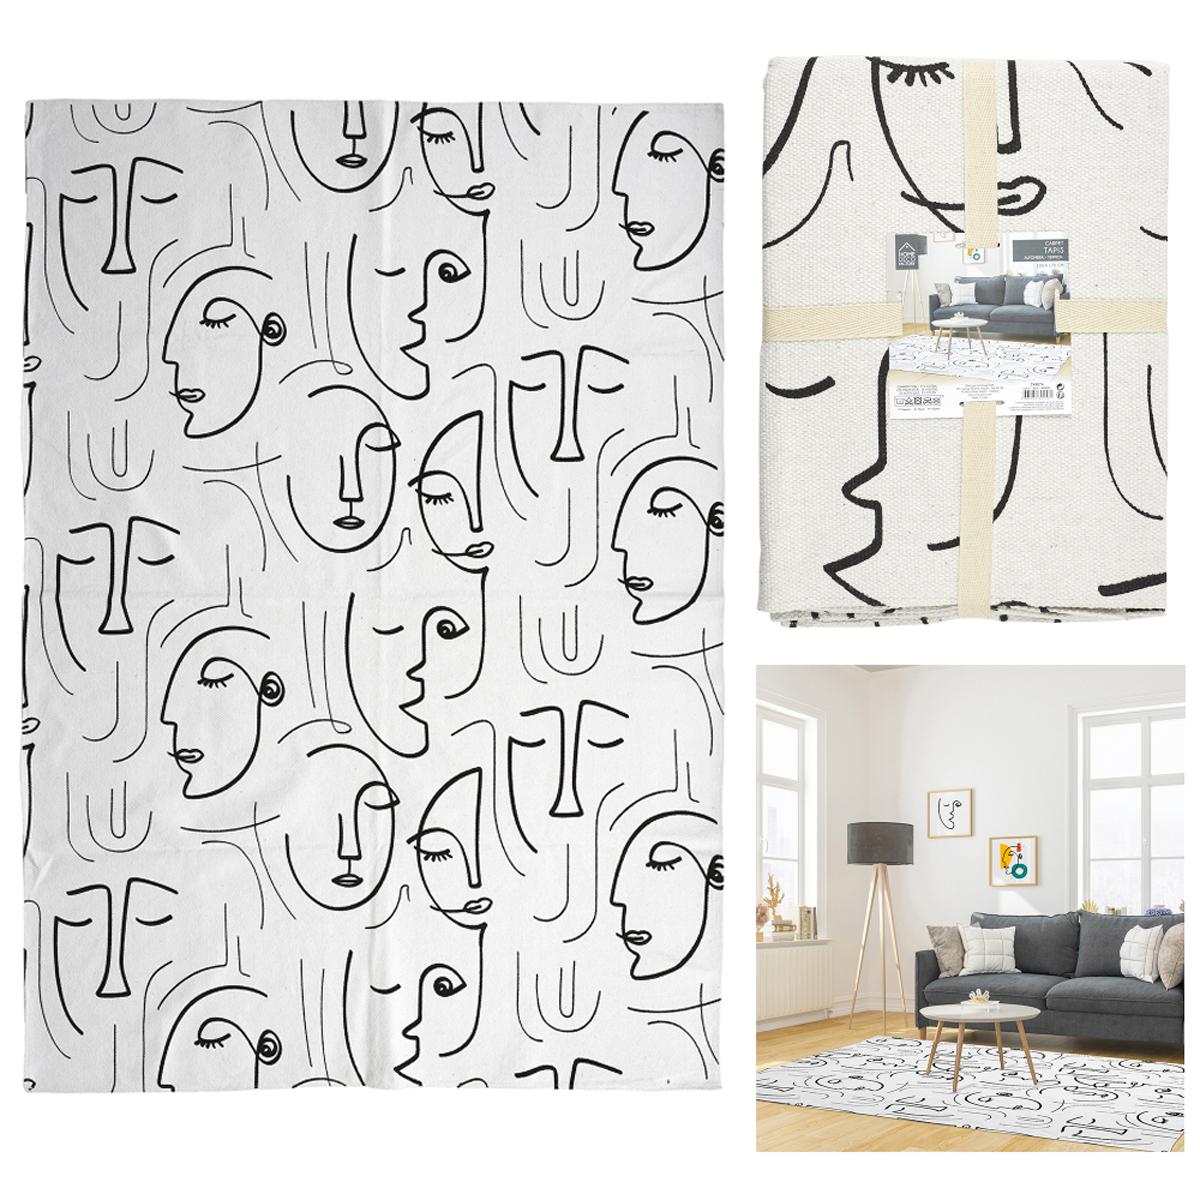 Tapis coton \'Arty\' noir blanc - 170x120 cm - [A2286]